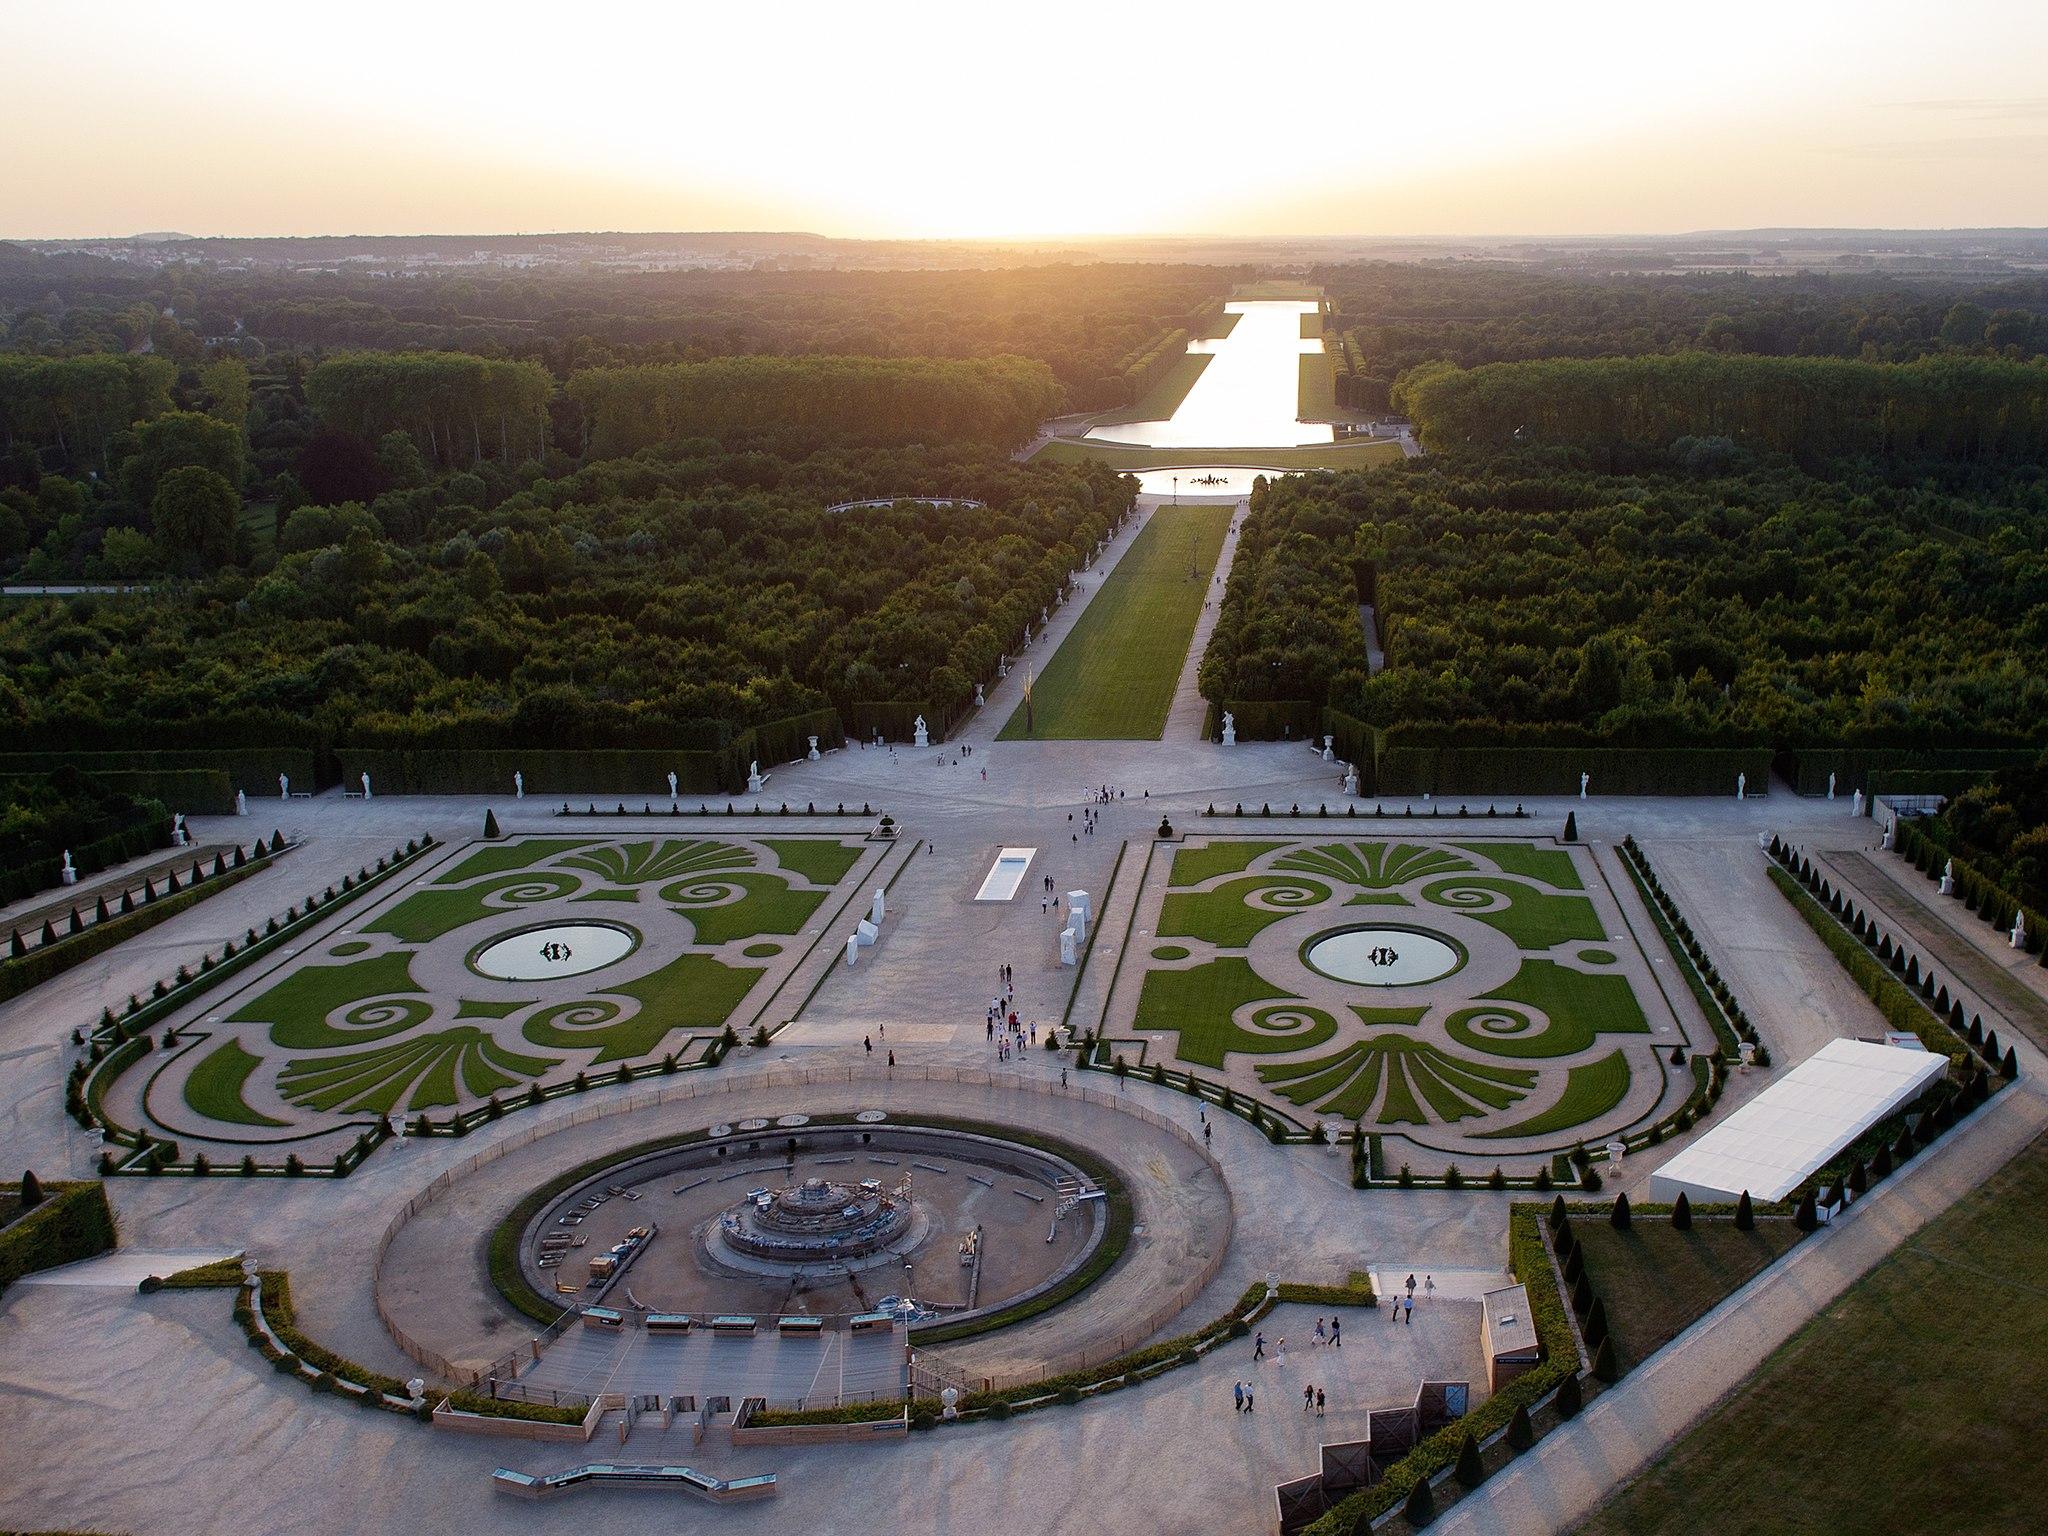 Vue aérienne du domaine de Versailles par ToucanWings - Creative Commons By Sa 3.0 - 008